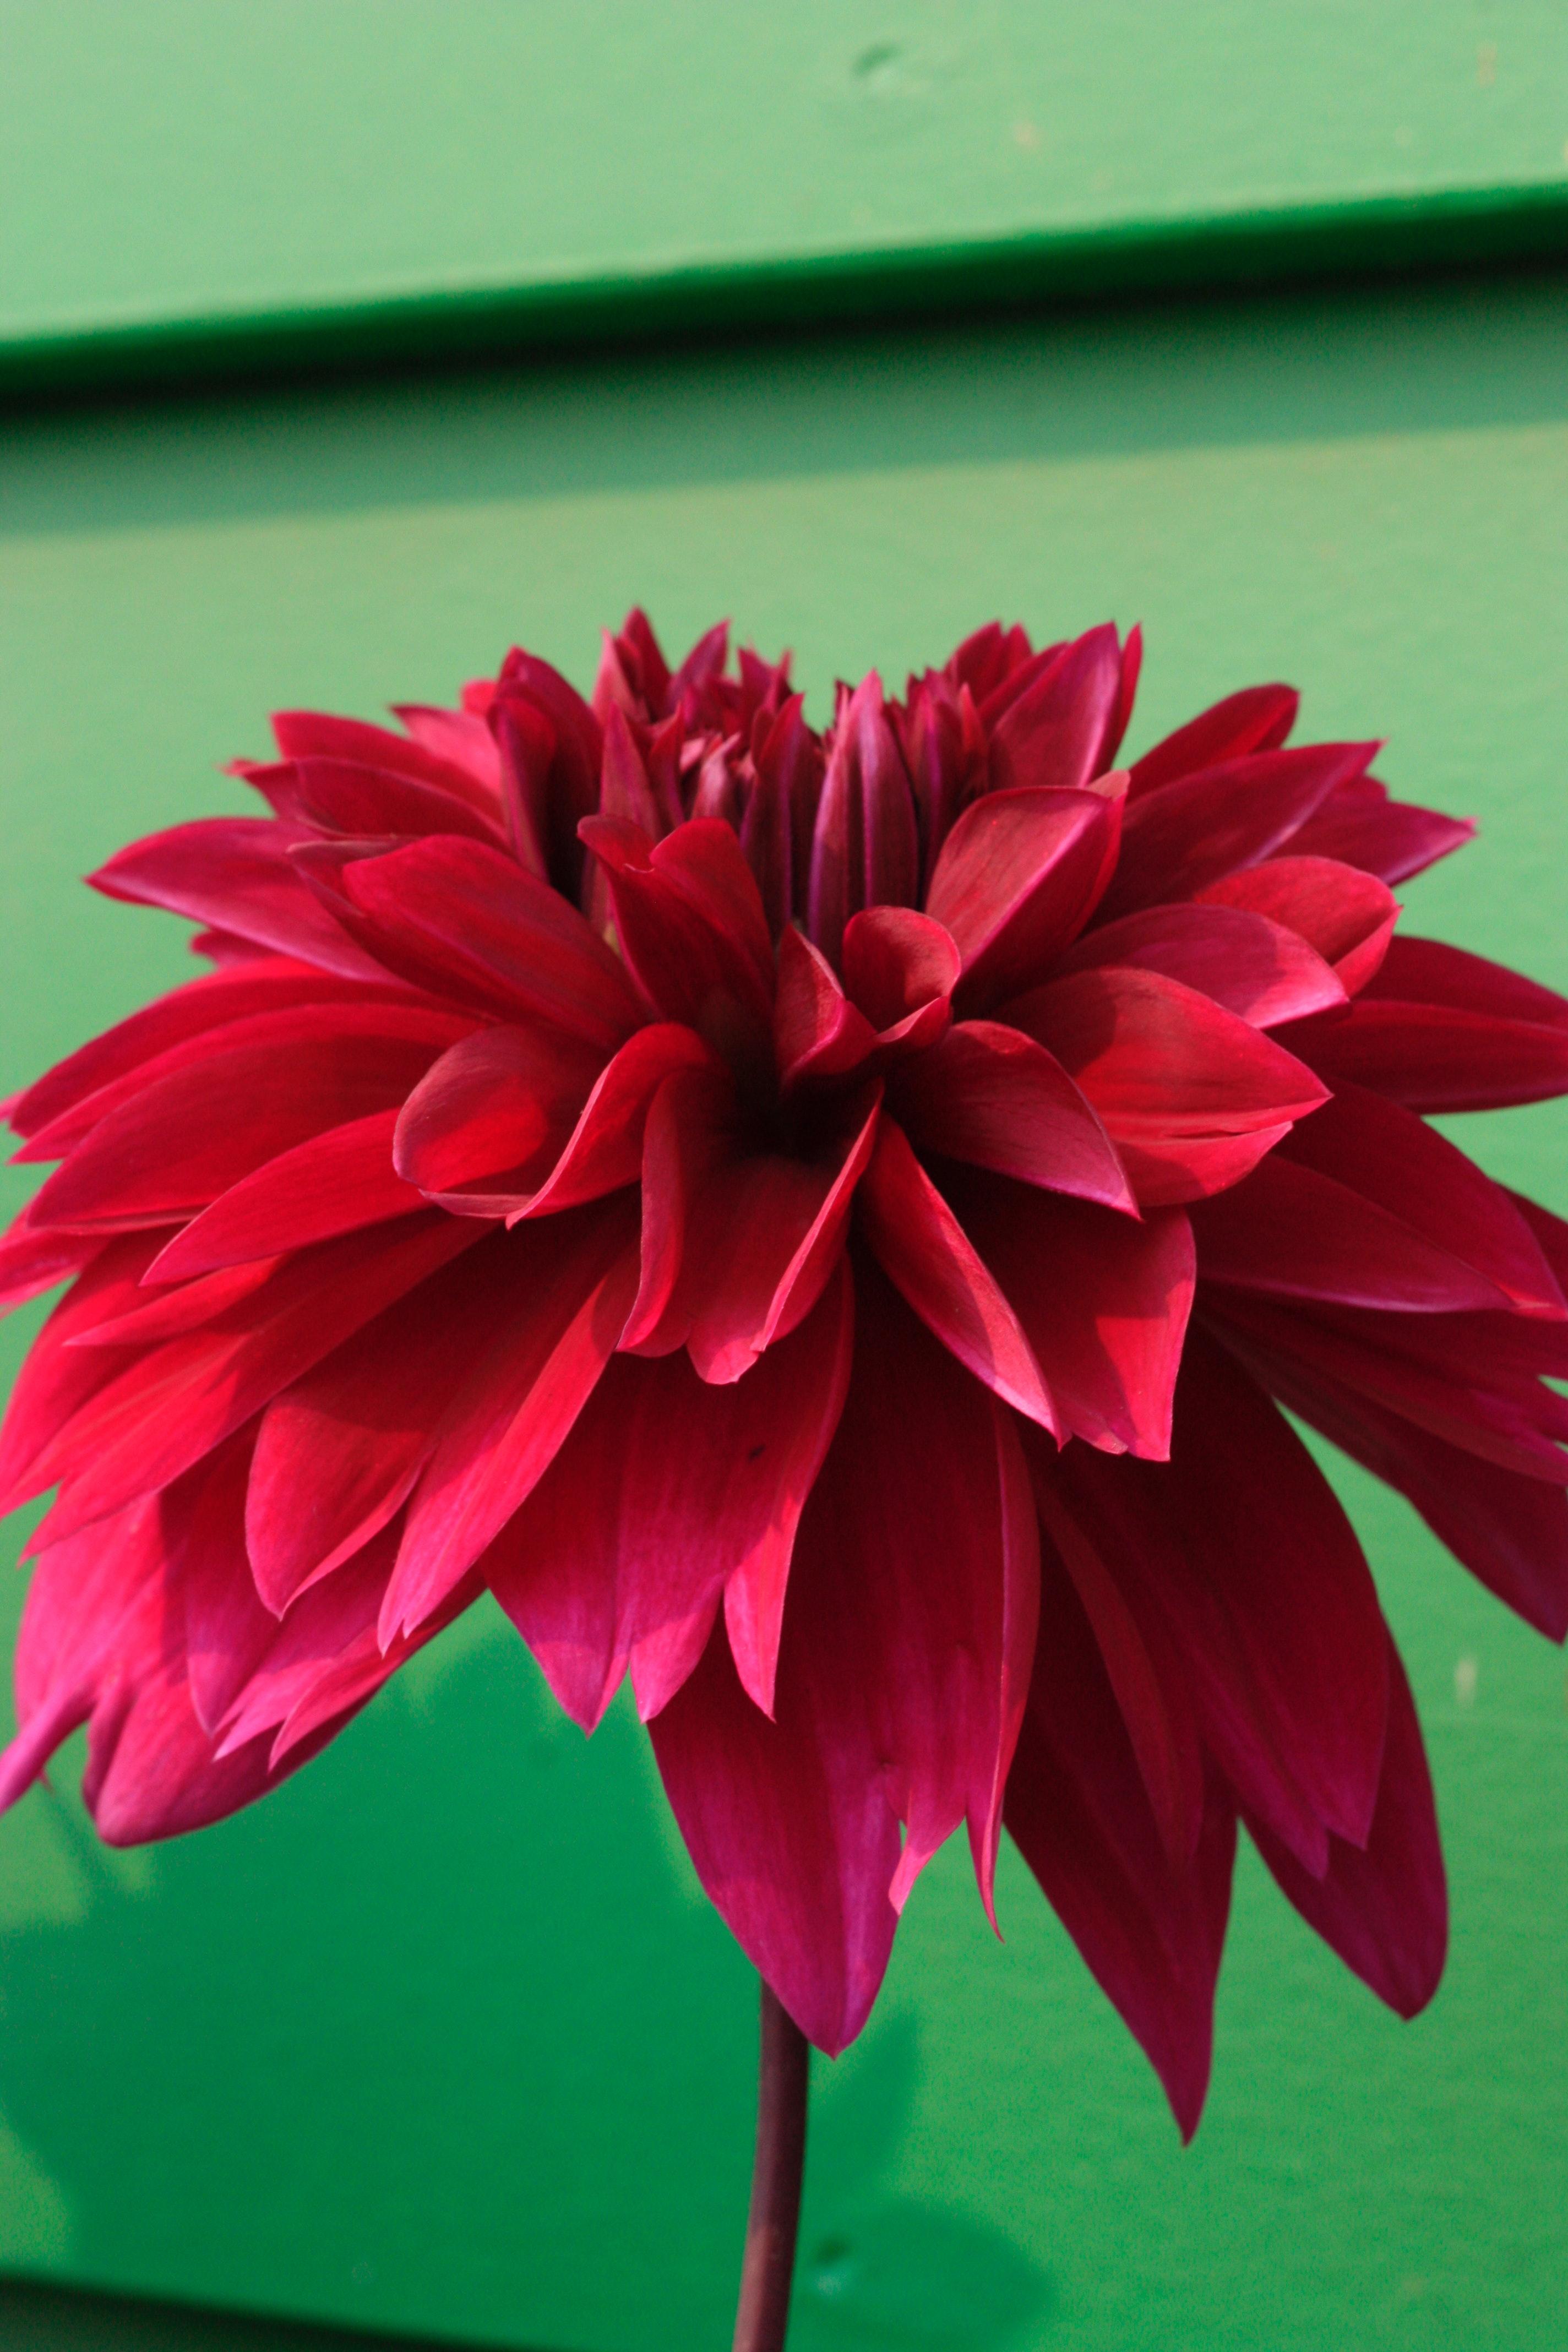 Wallpaper Bunga Dahlia Hd Kumpulan Gambar Bunga